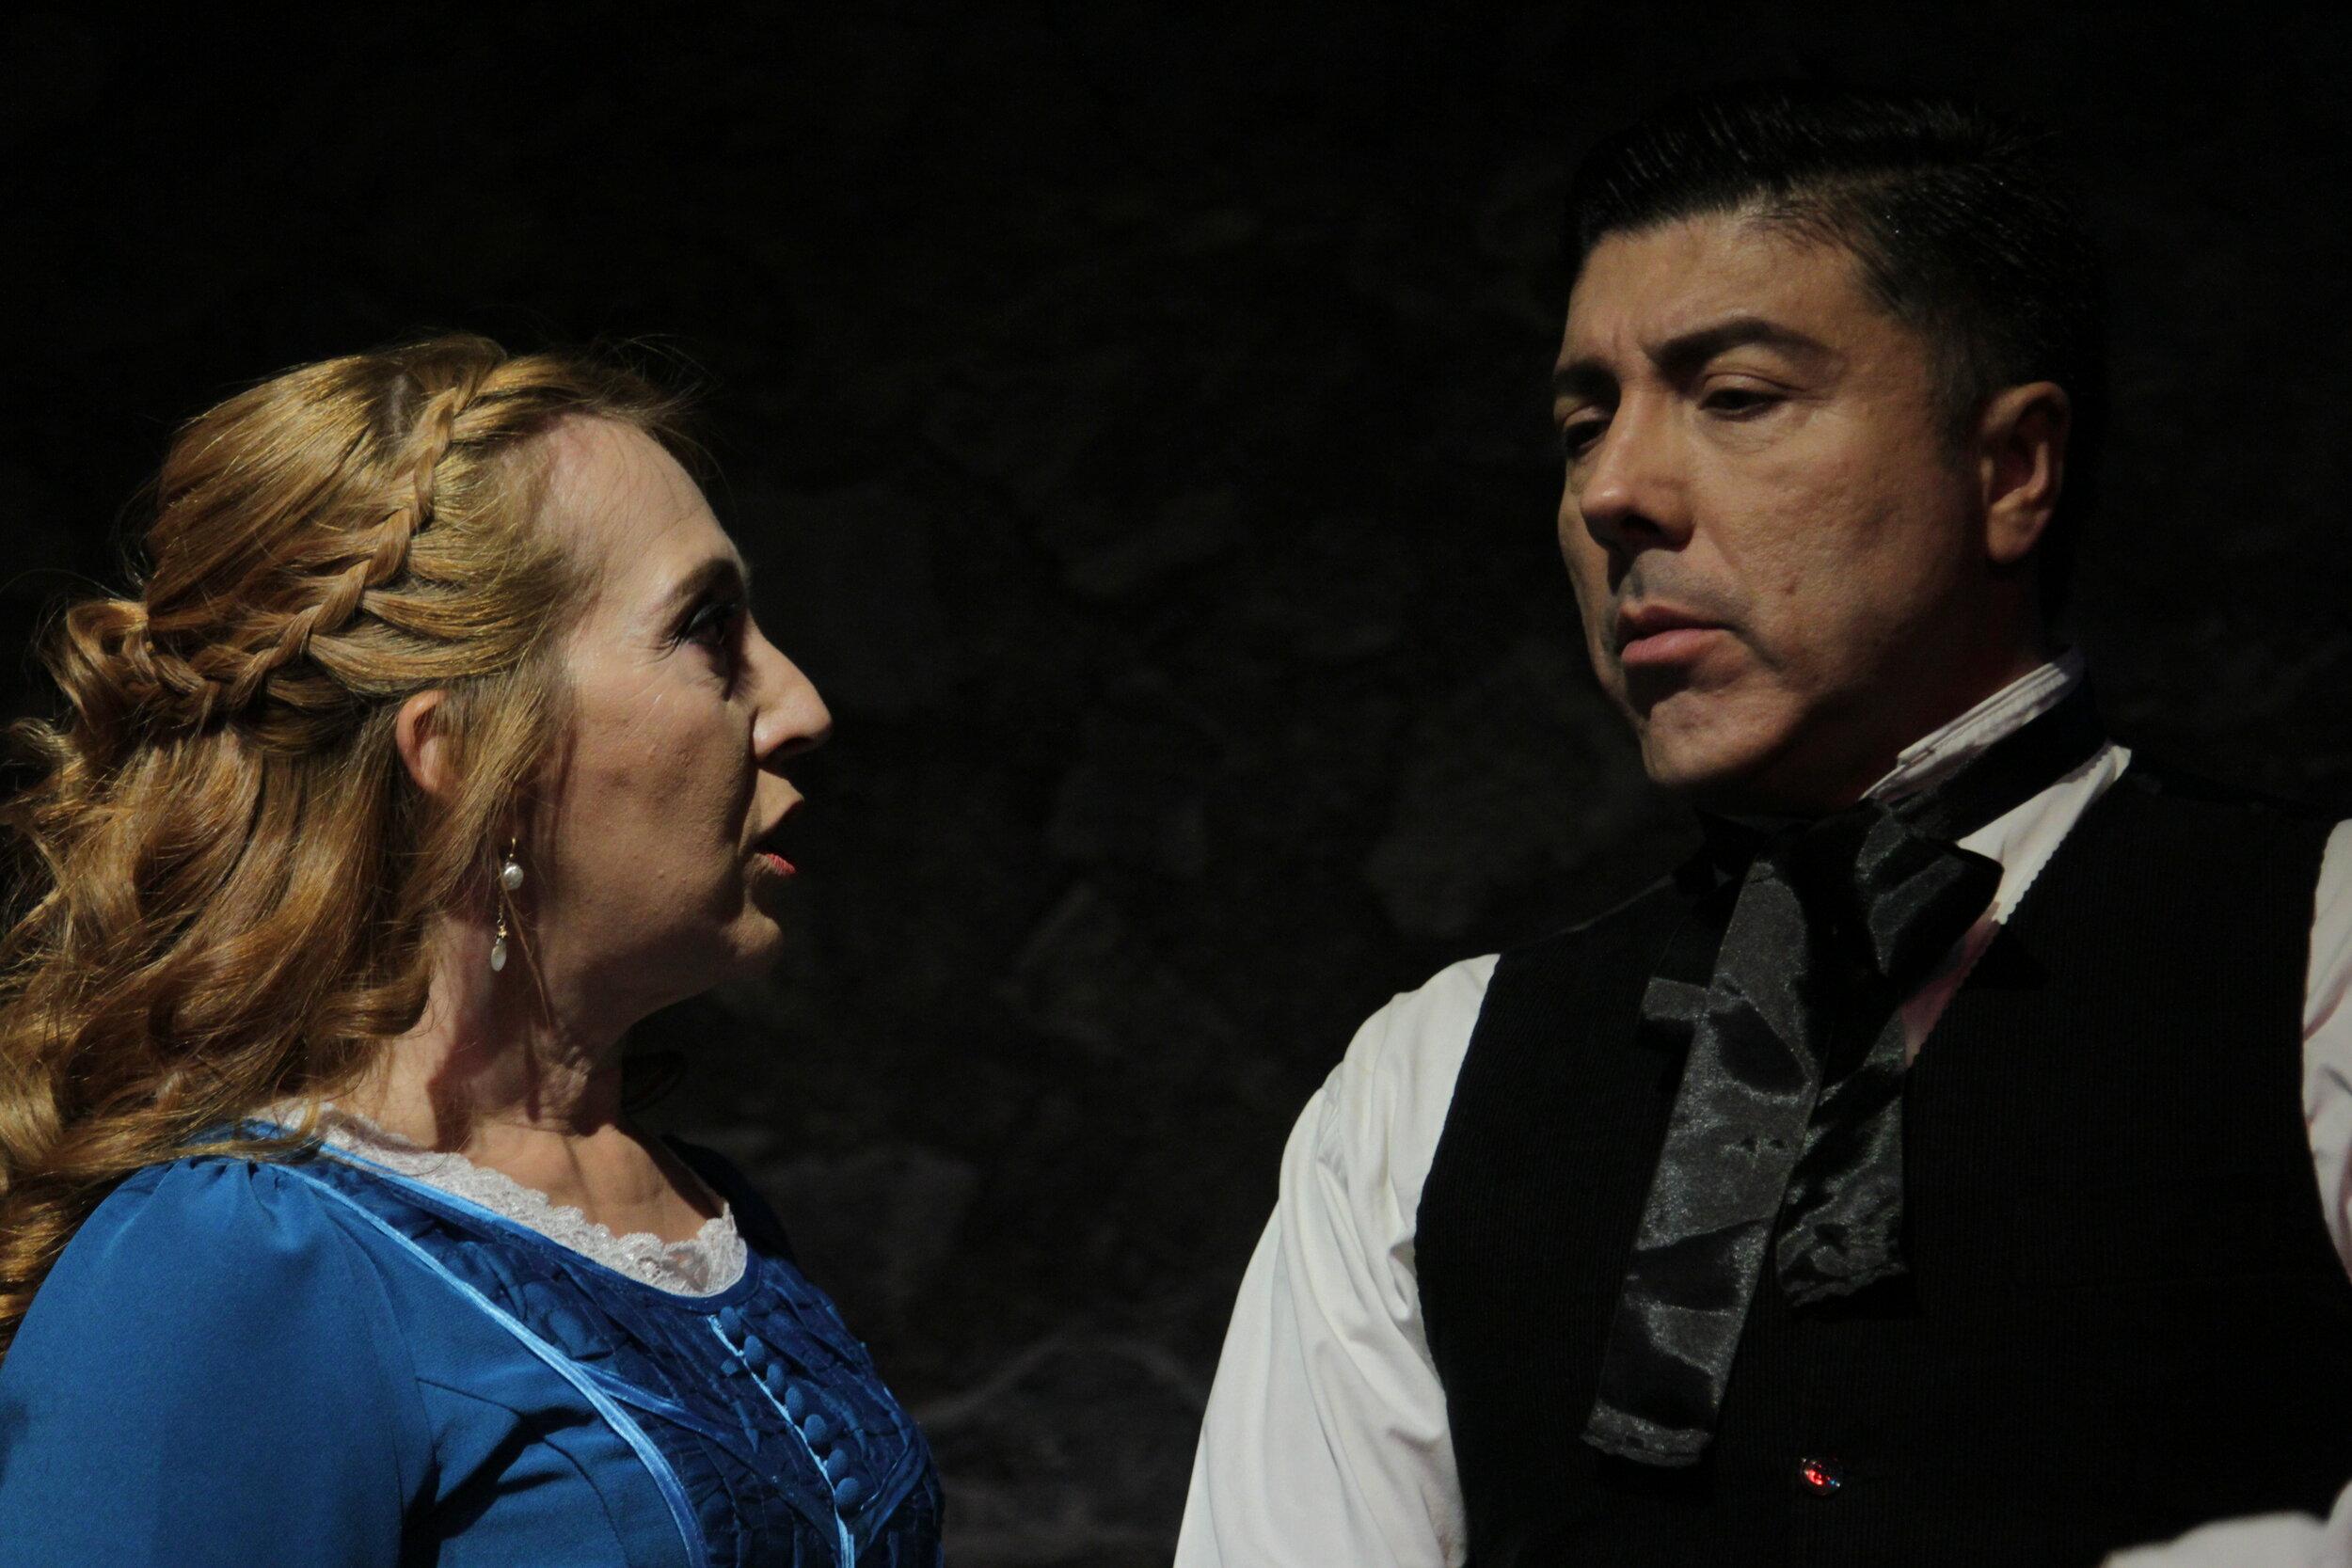 La señorita Julia.  Valentina Pacheco/ Manolo Morales.